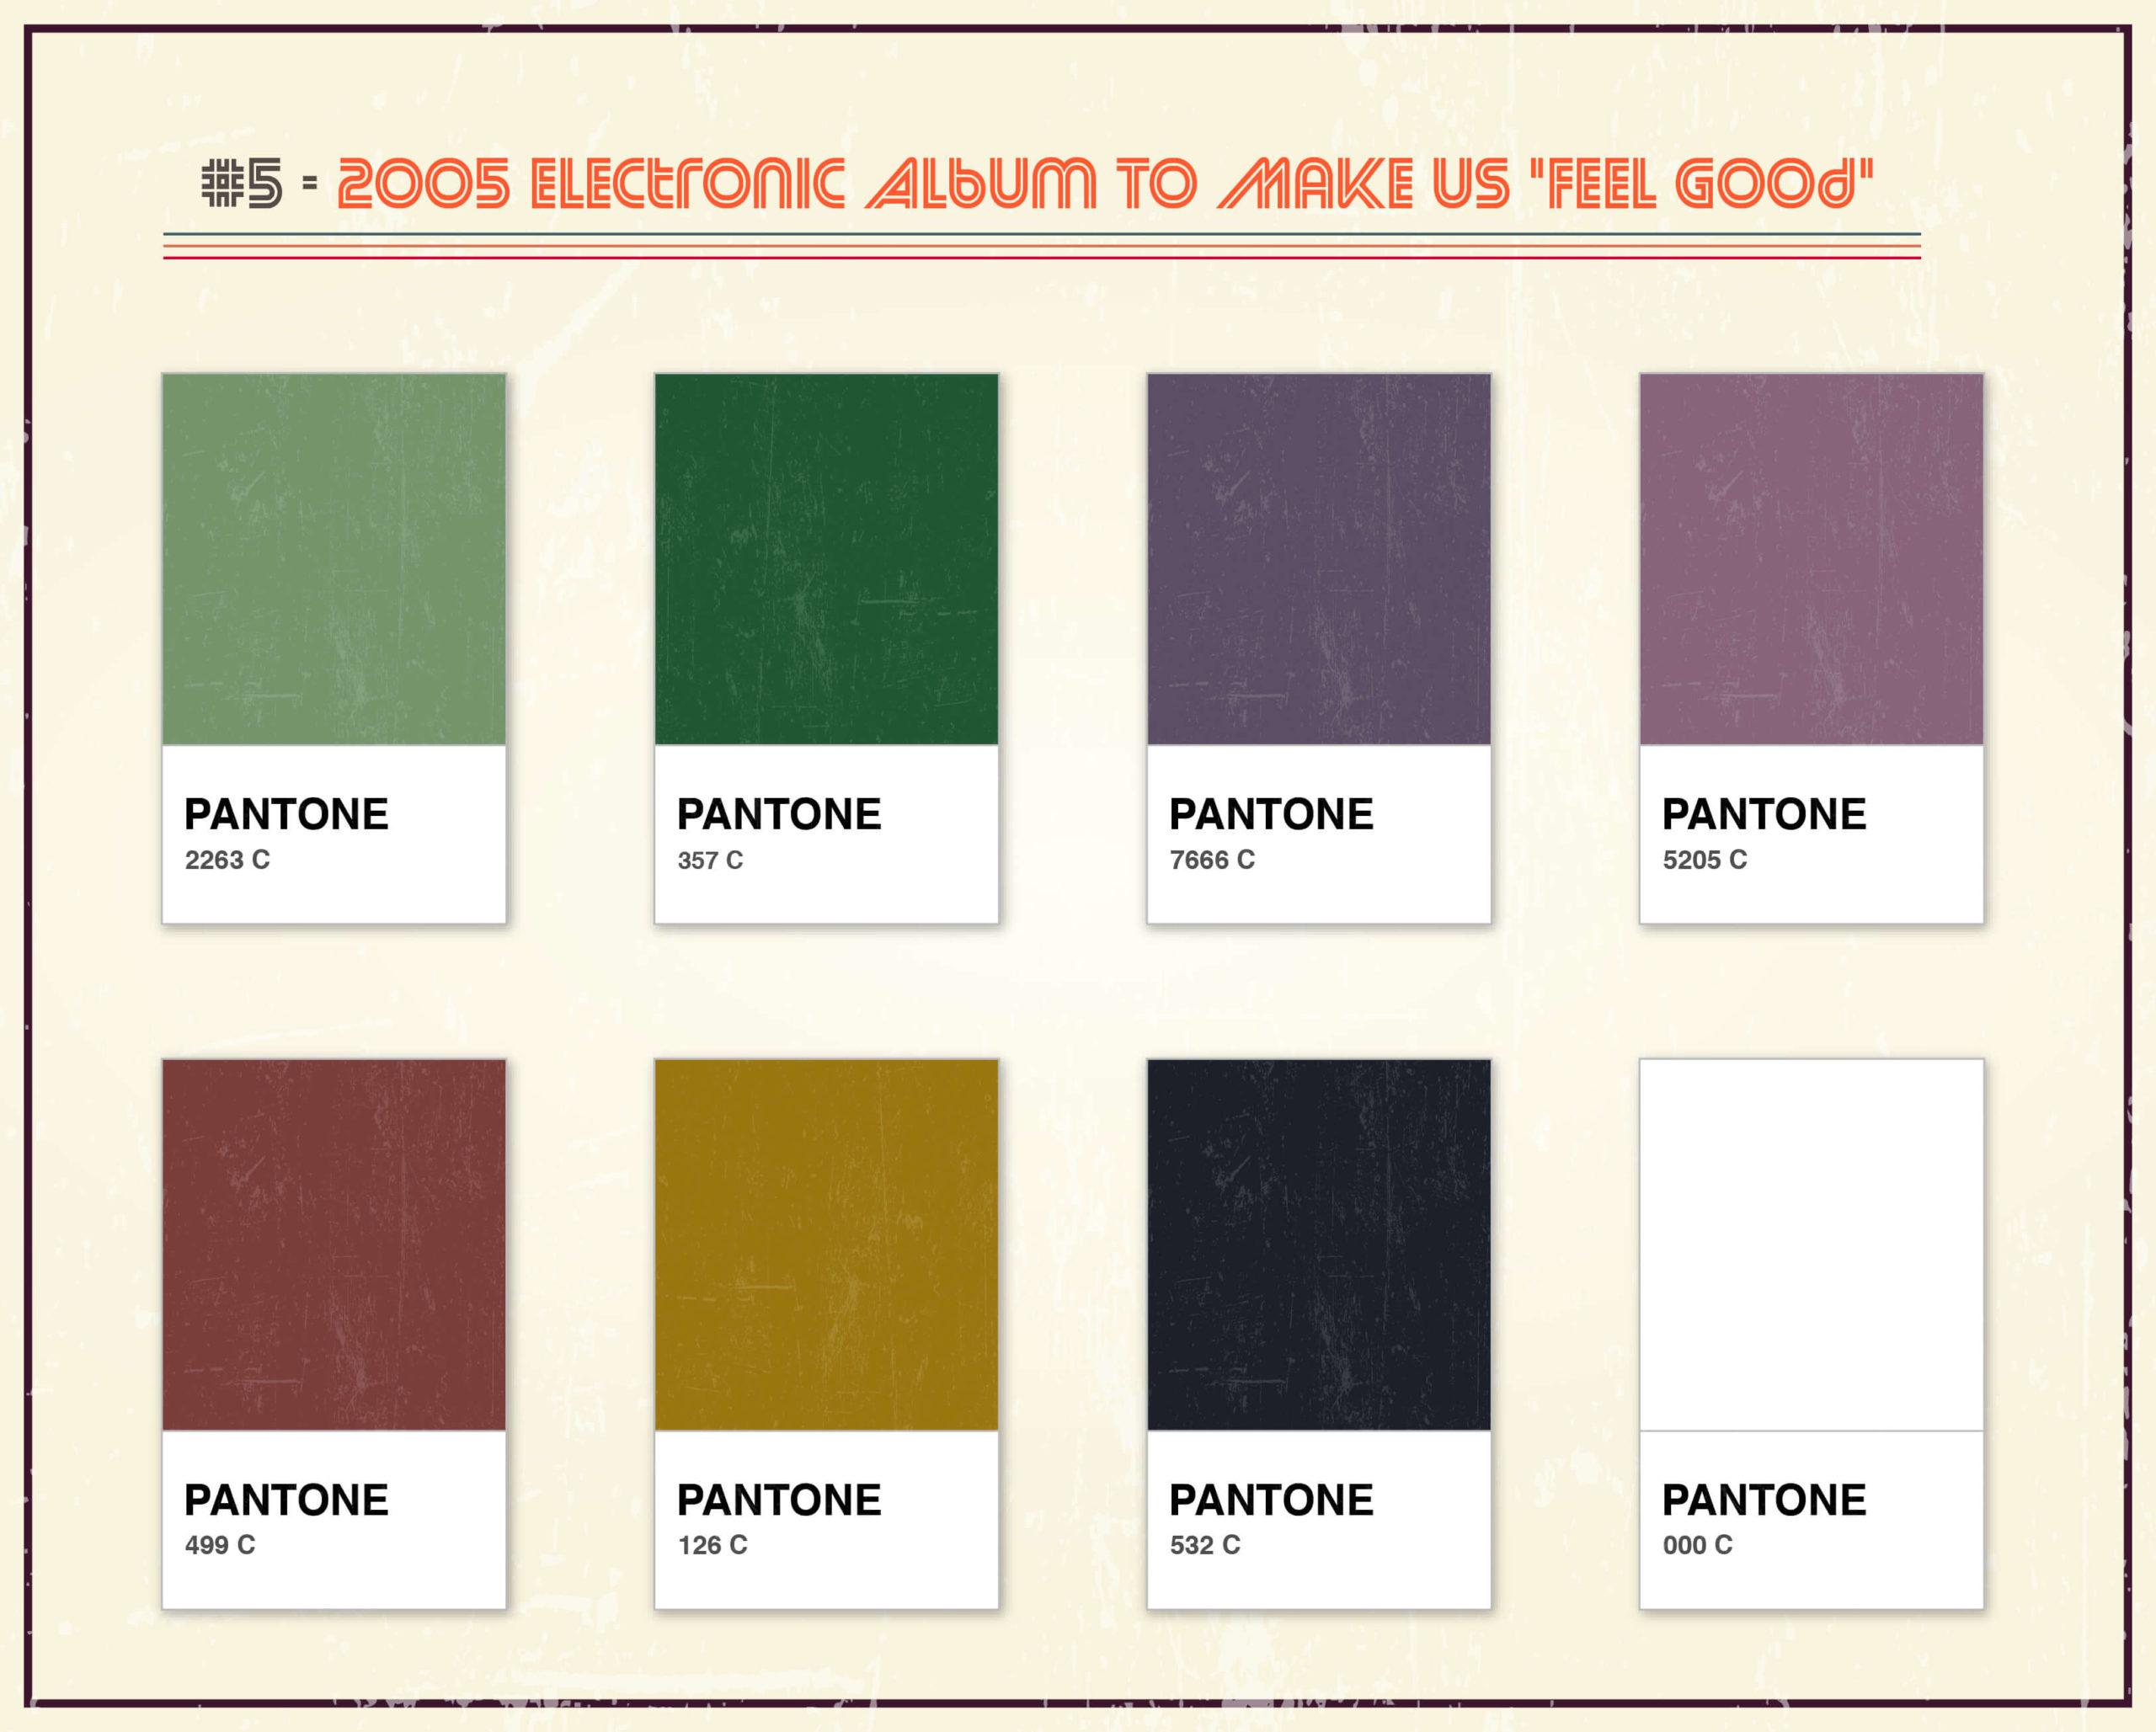 Album Artwork As Pantone: Famous Album Covers Without Text Quiz_5